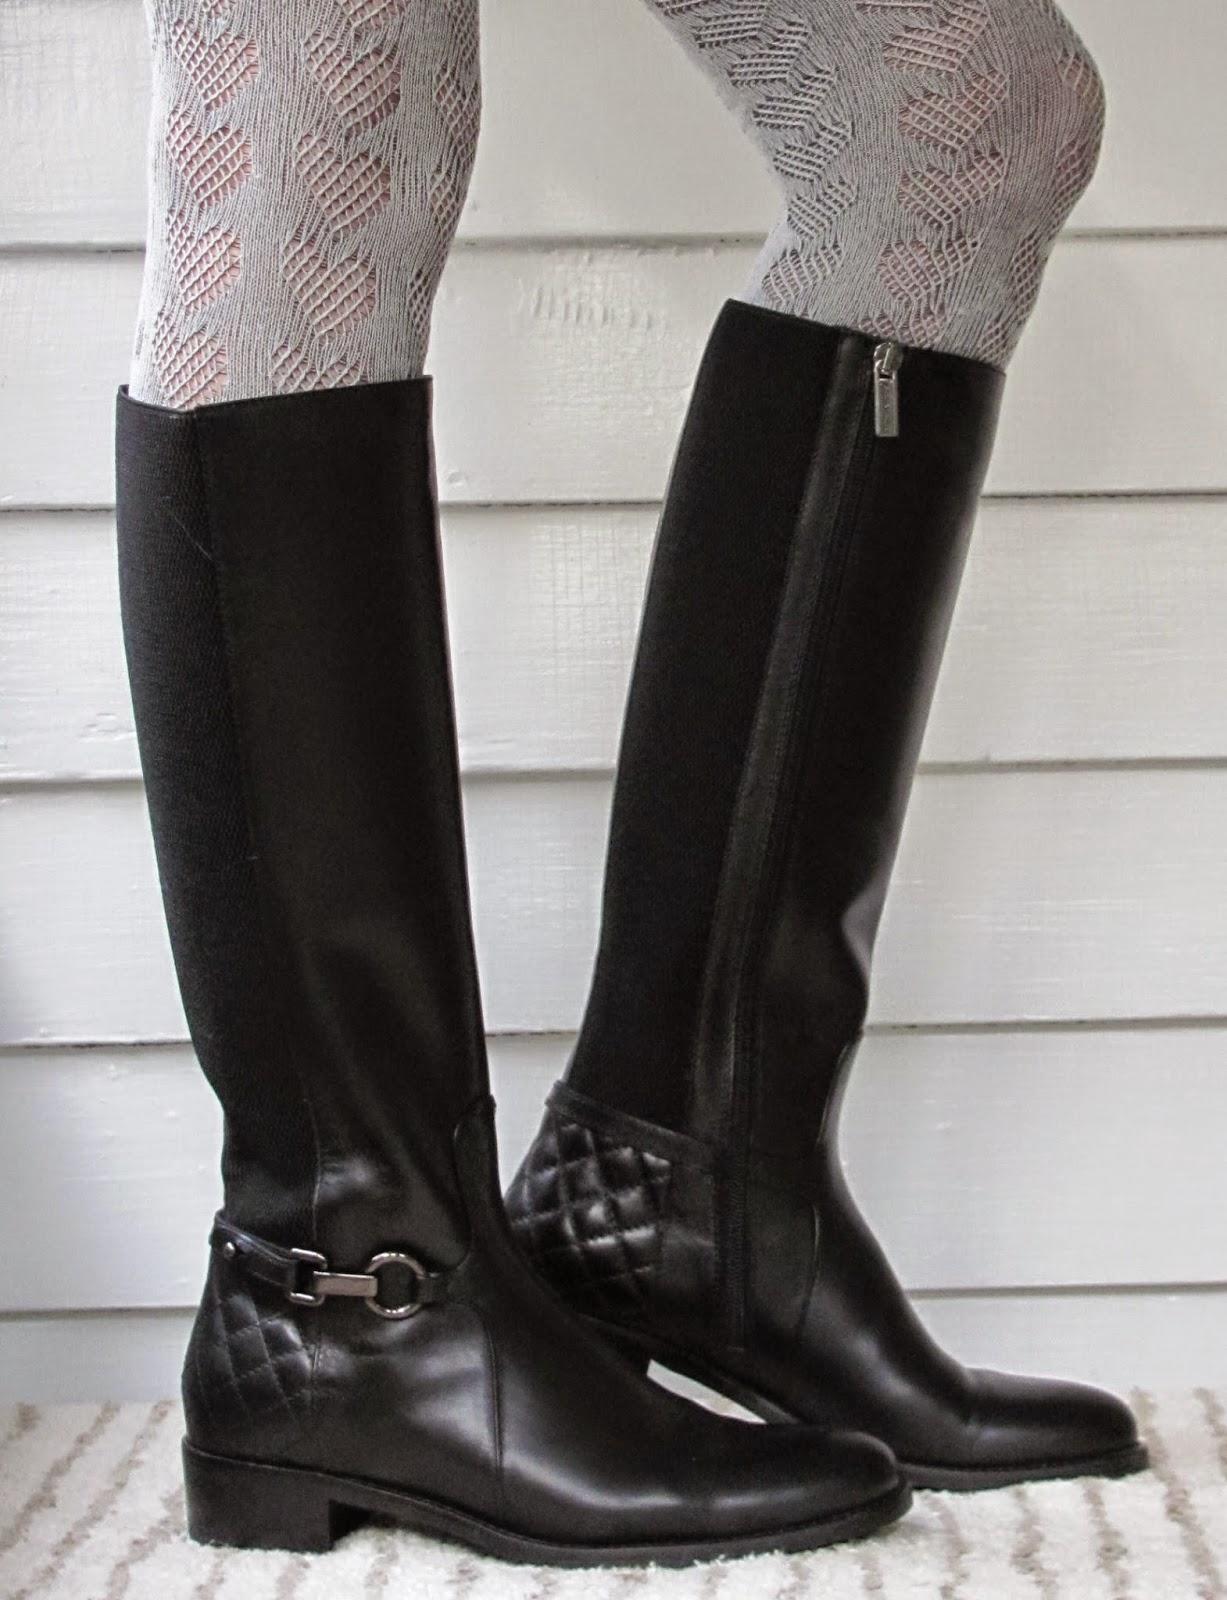 Howdy Slim Riding Boots For Thin Calves Aquatalia Oralie